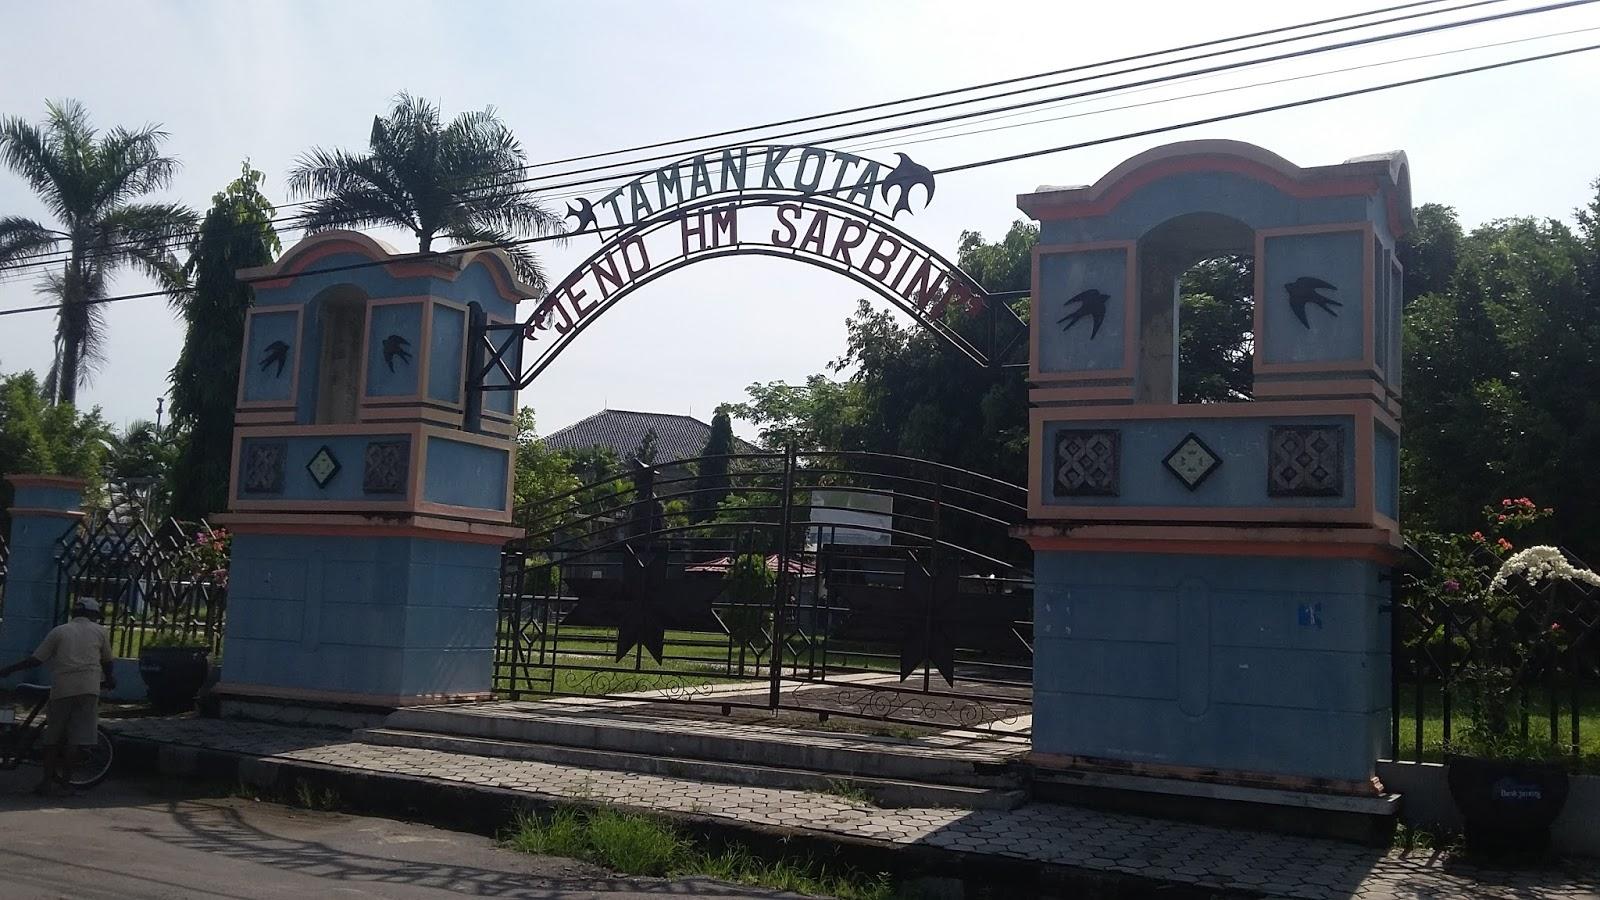 Menikmati Udara Segar Taman Kota Jend Hm Sarbini Travelklik Tidak